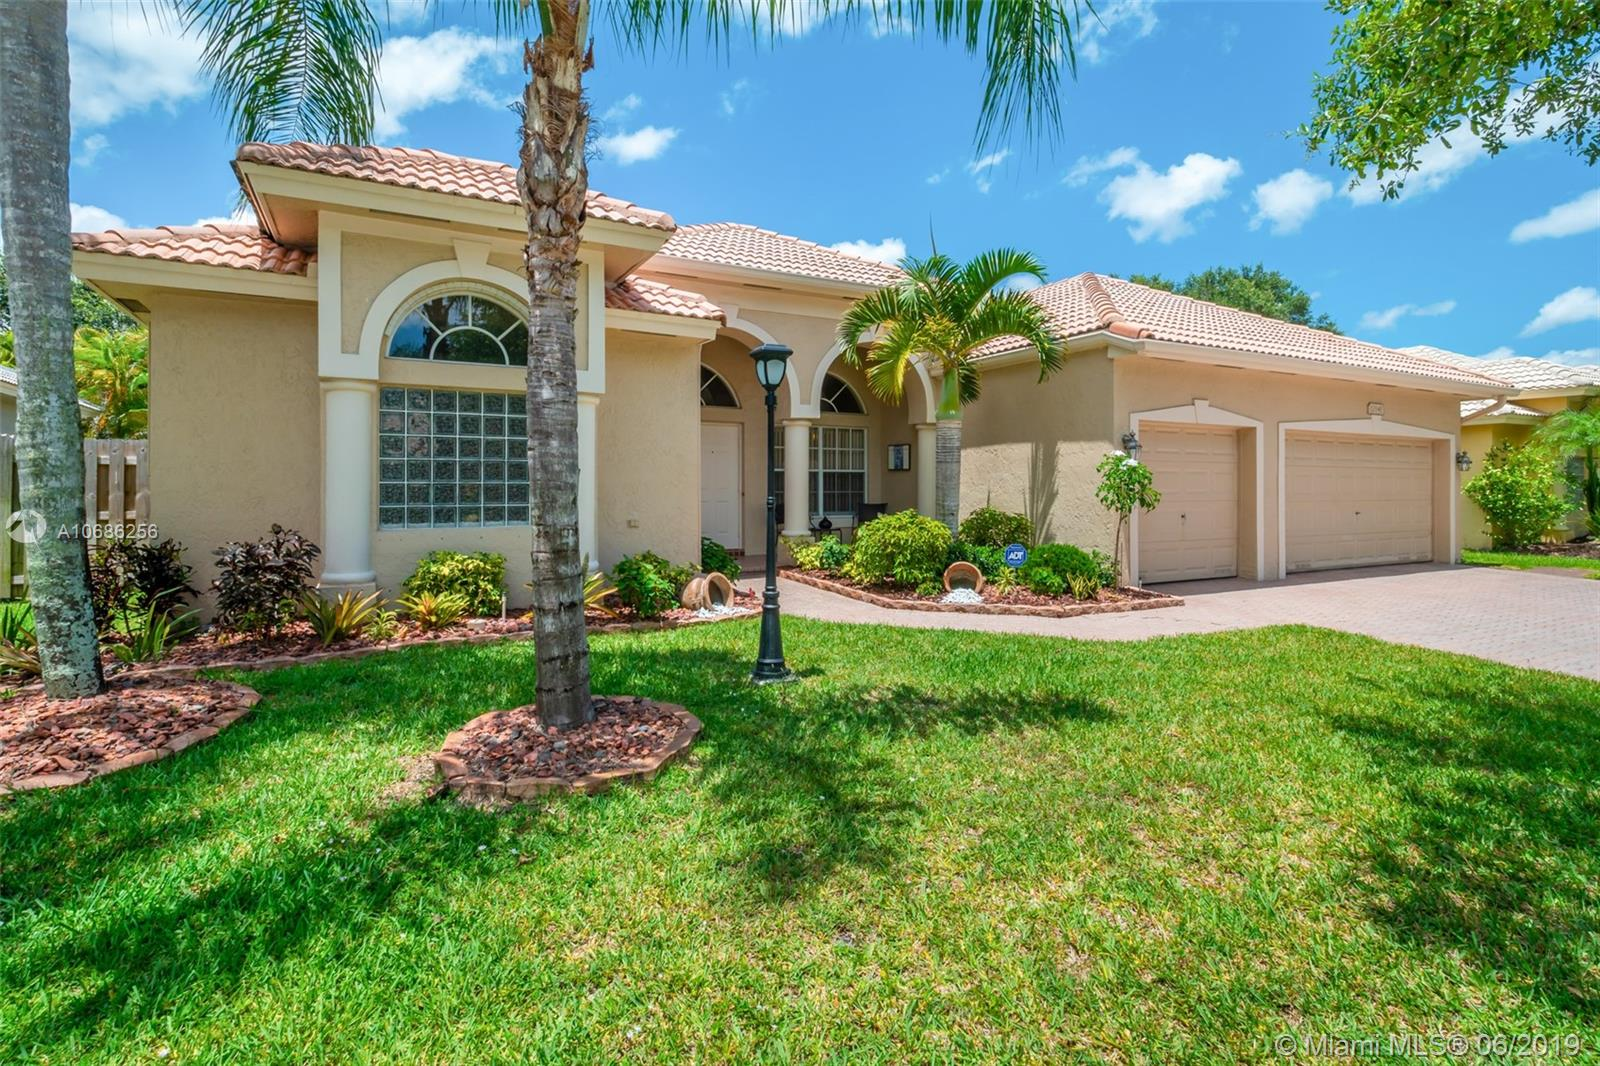 12841 NW 23rd St, Pembroke Pines, FL 33028